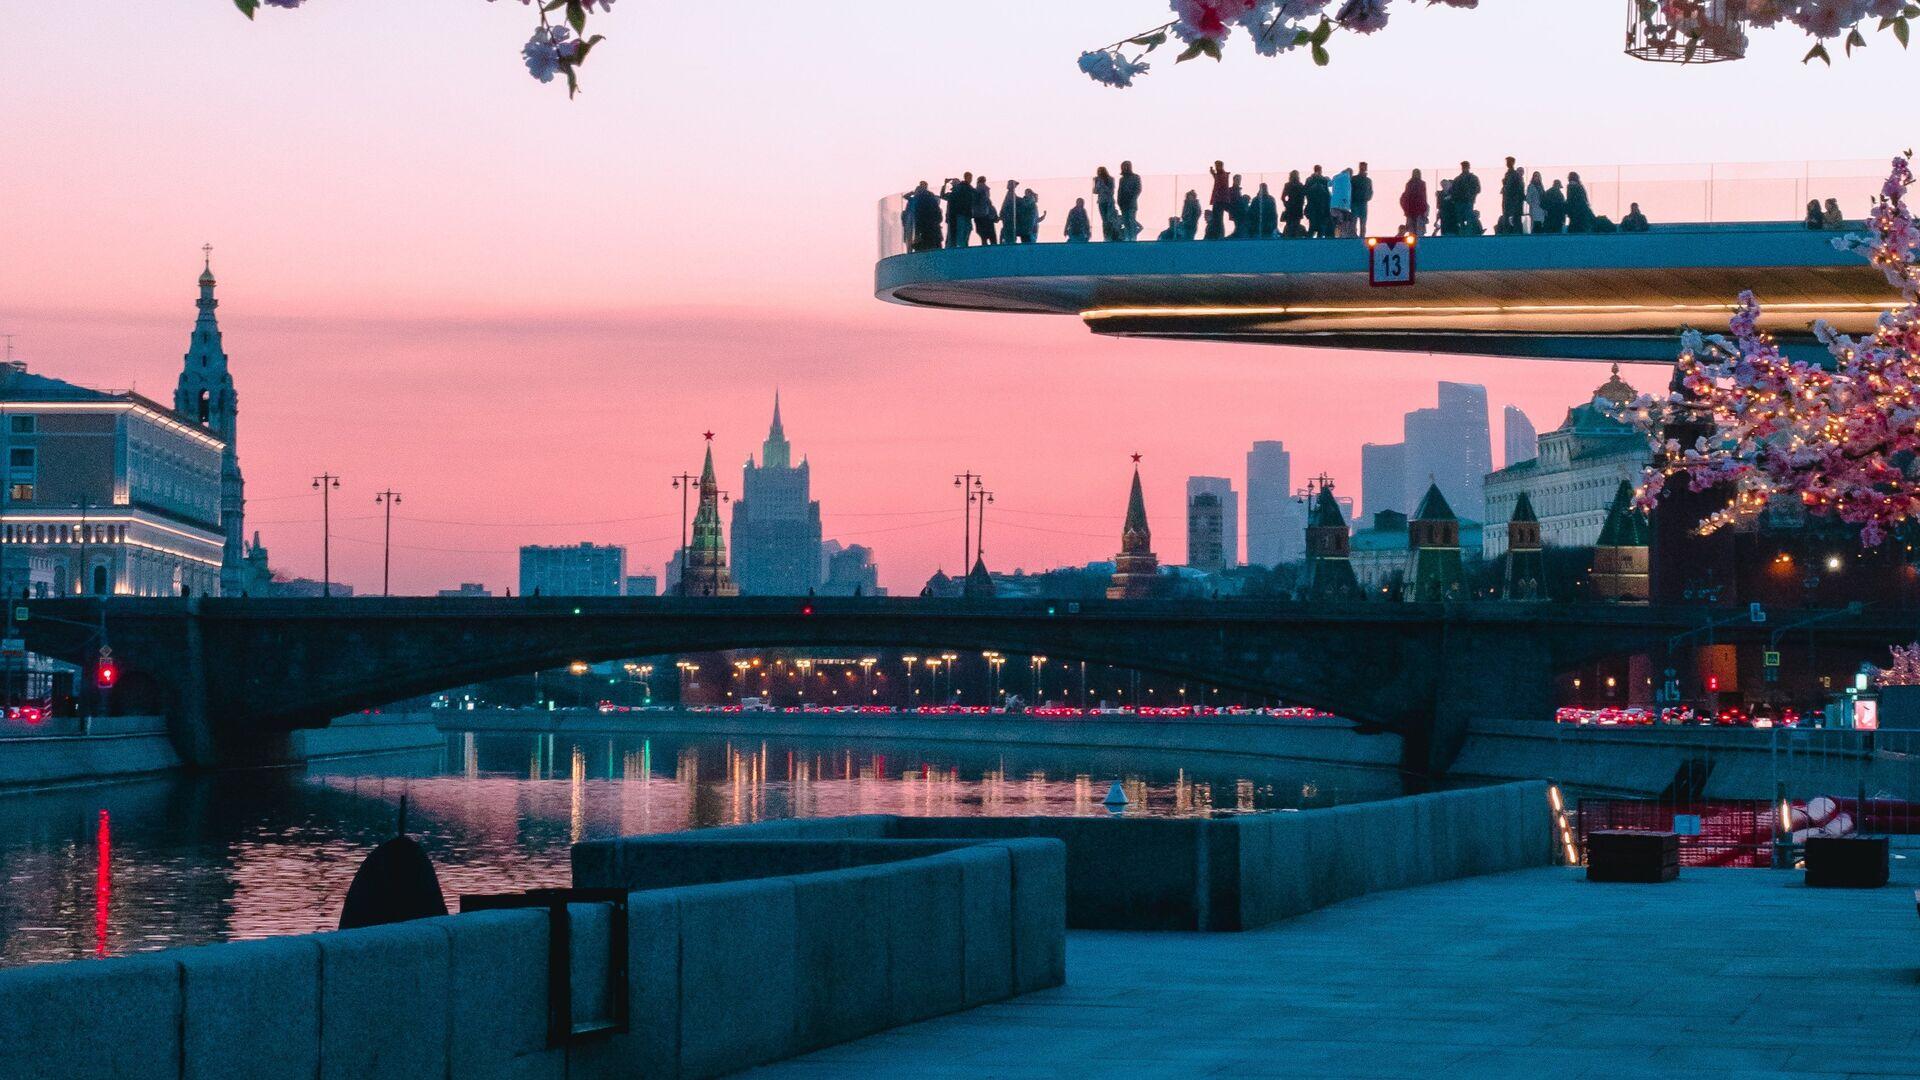 Moscú, capital de Rusia - Sputnik Mundo, 1920, 12.06.2021